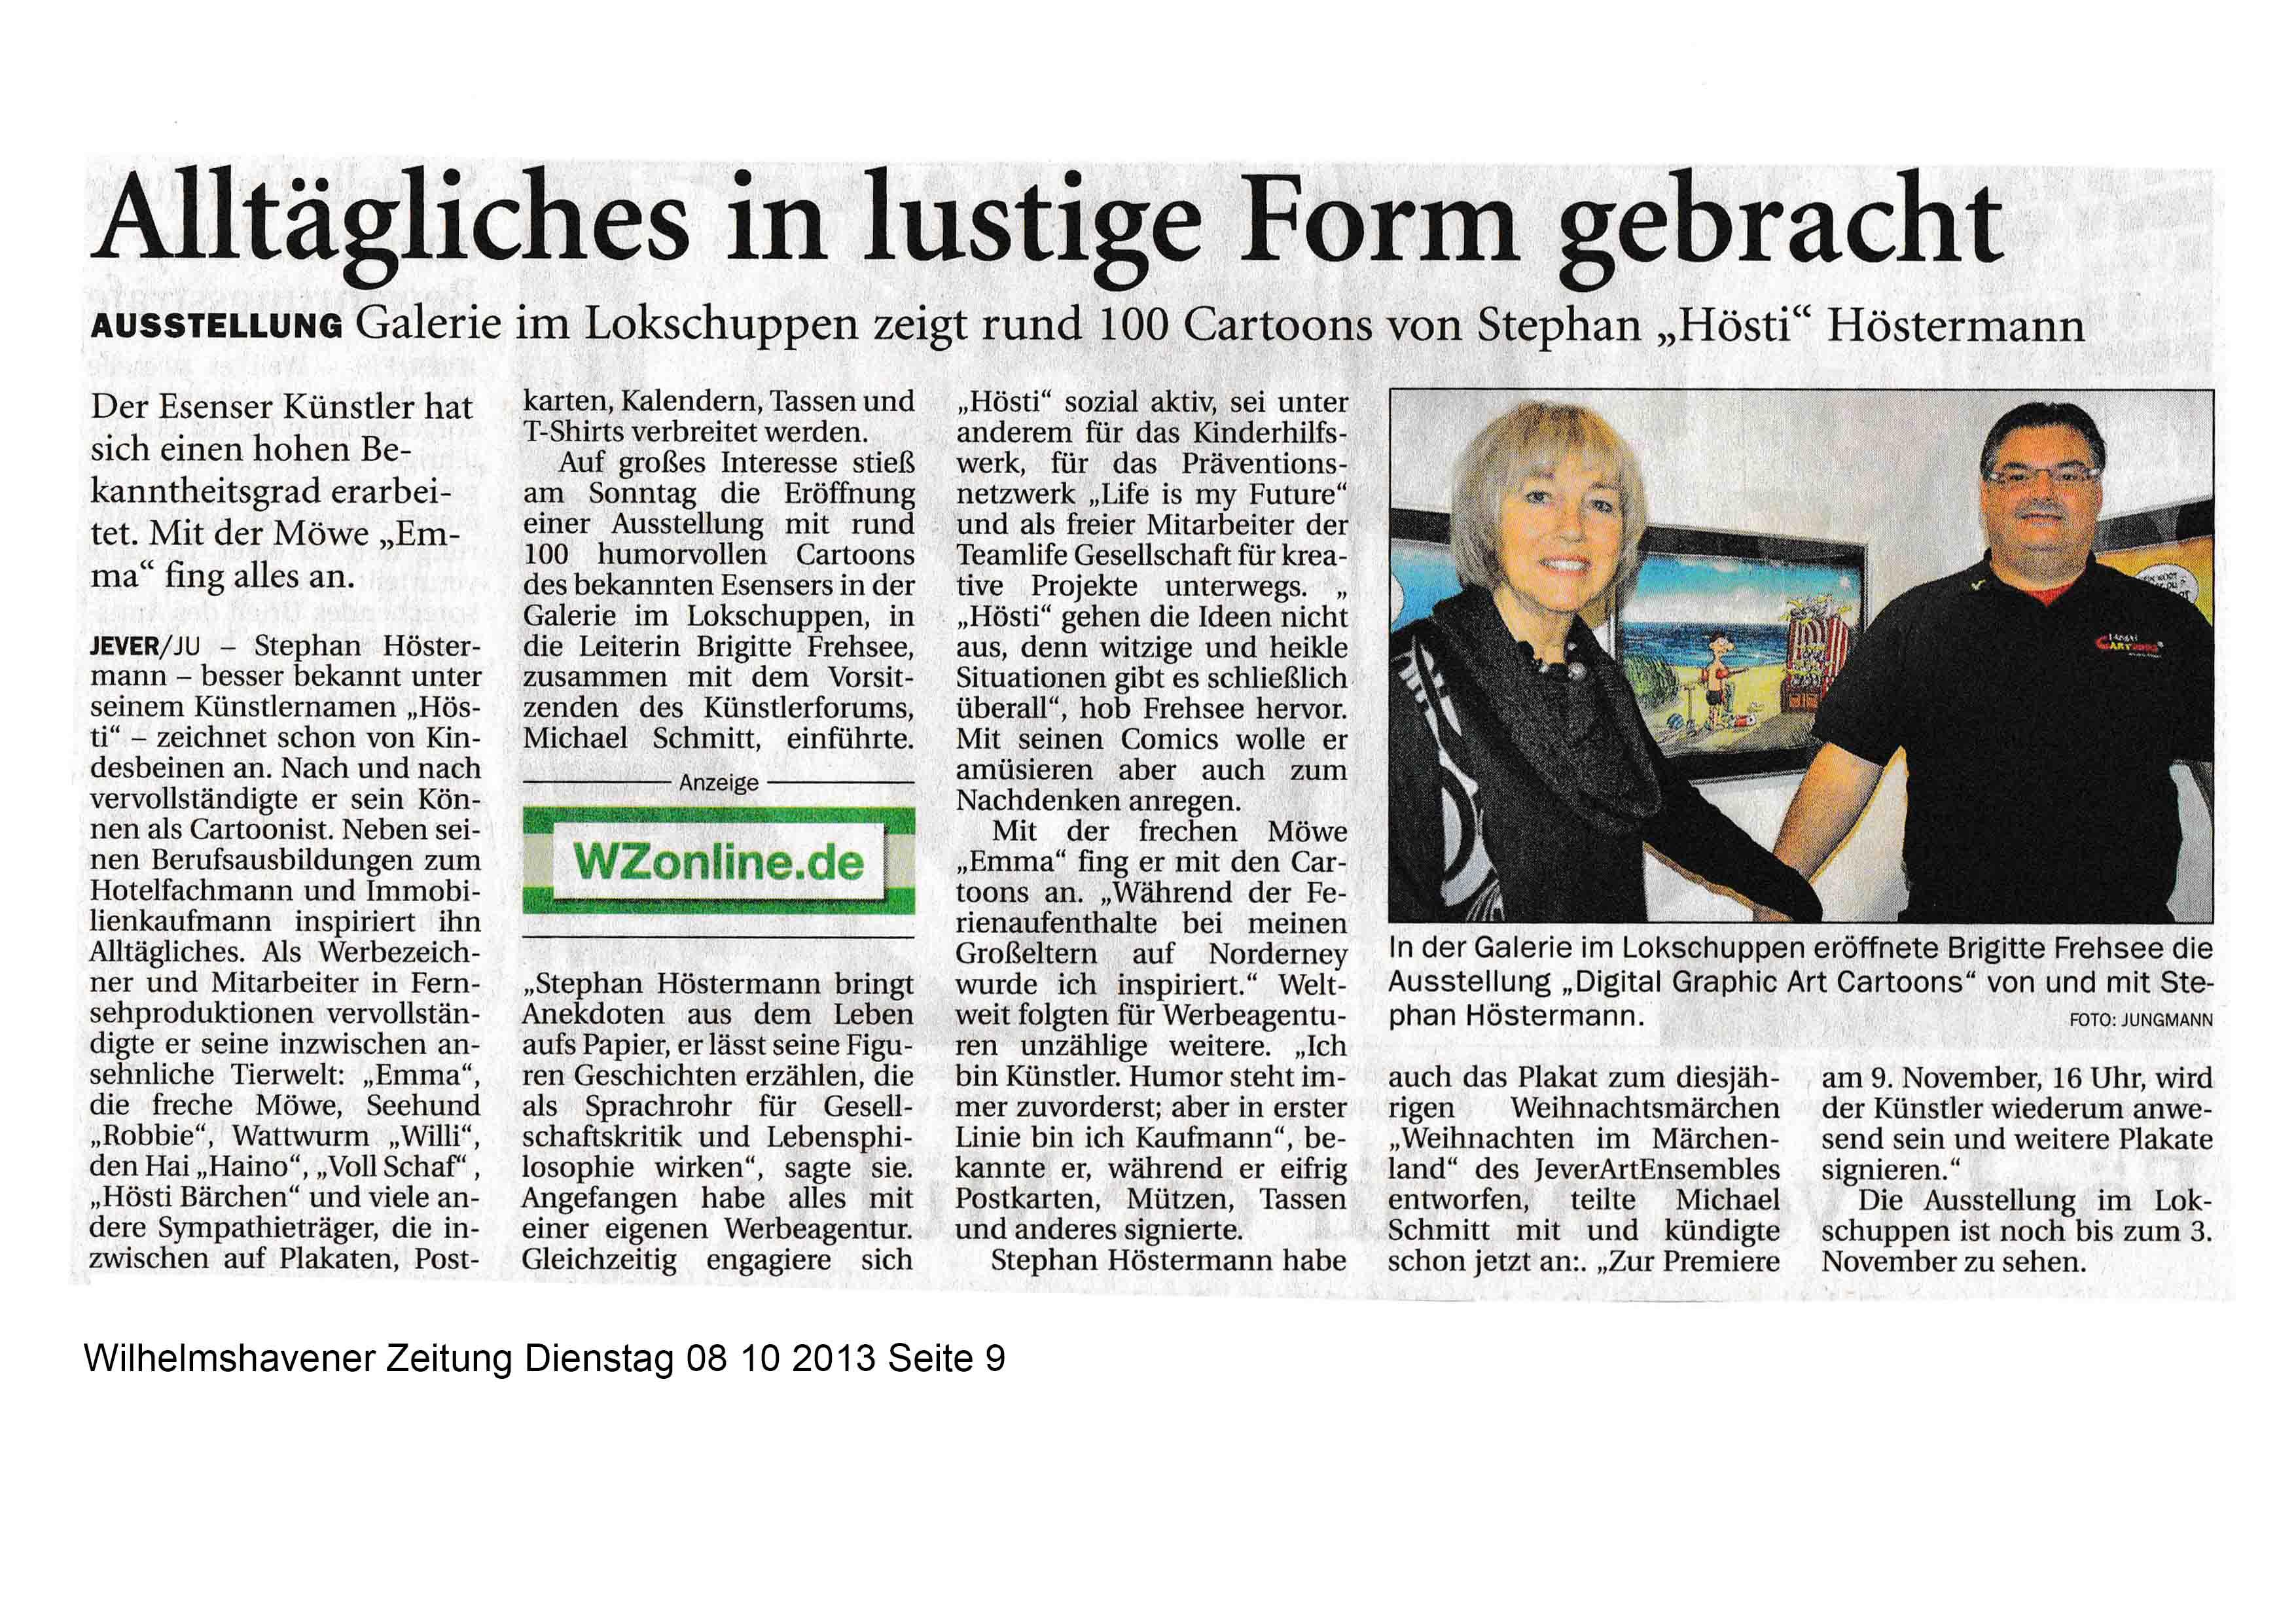 Wilhelmshavener Zeitung Diensatg 08 10 2013 Seite 9